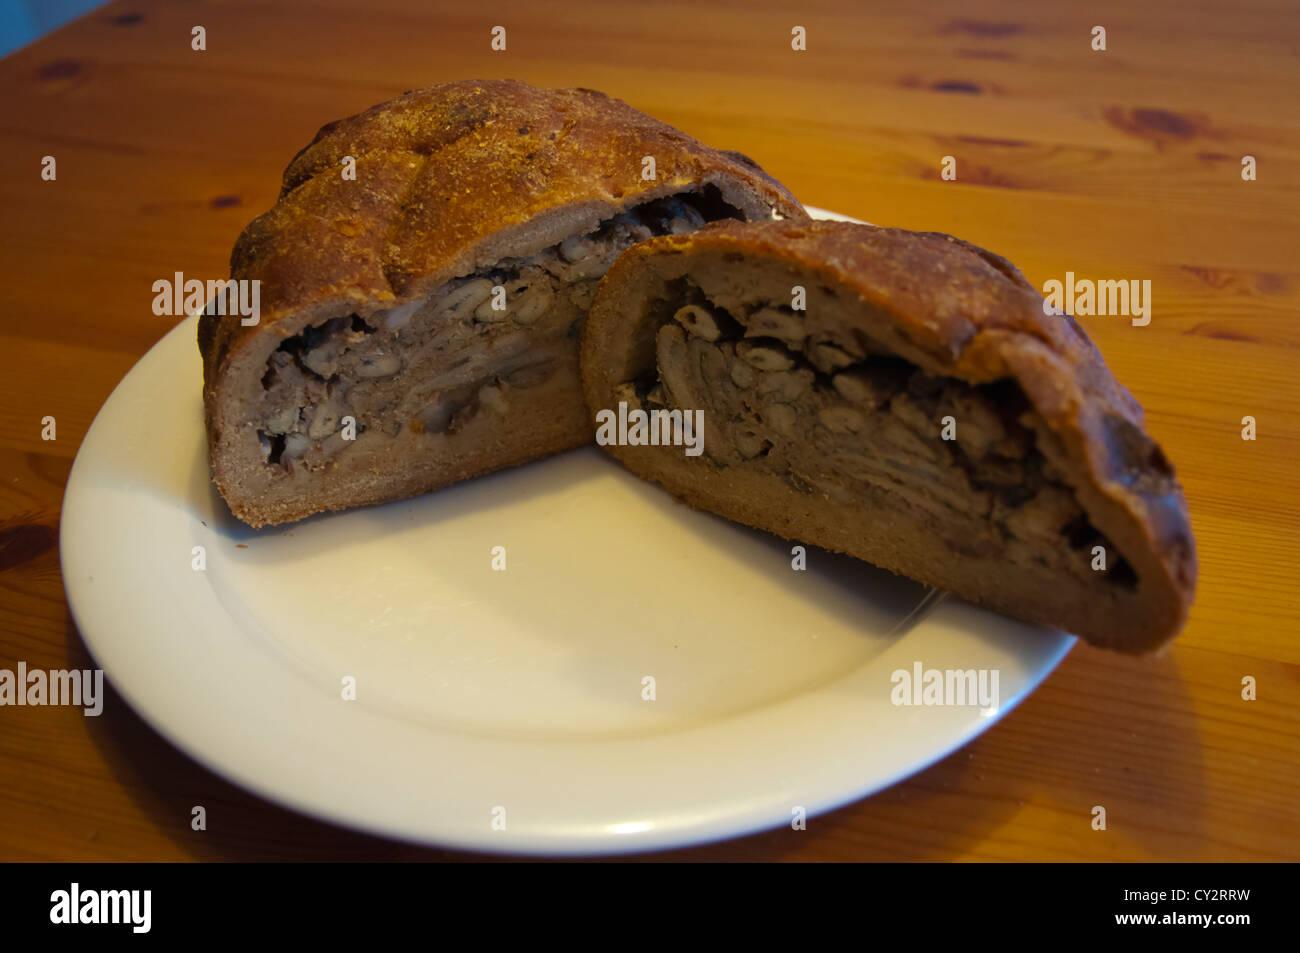 Kalakukko stock photos kalakukko stock images alamy for Fishing with bread